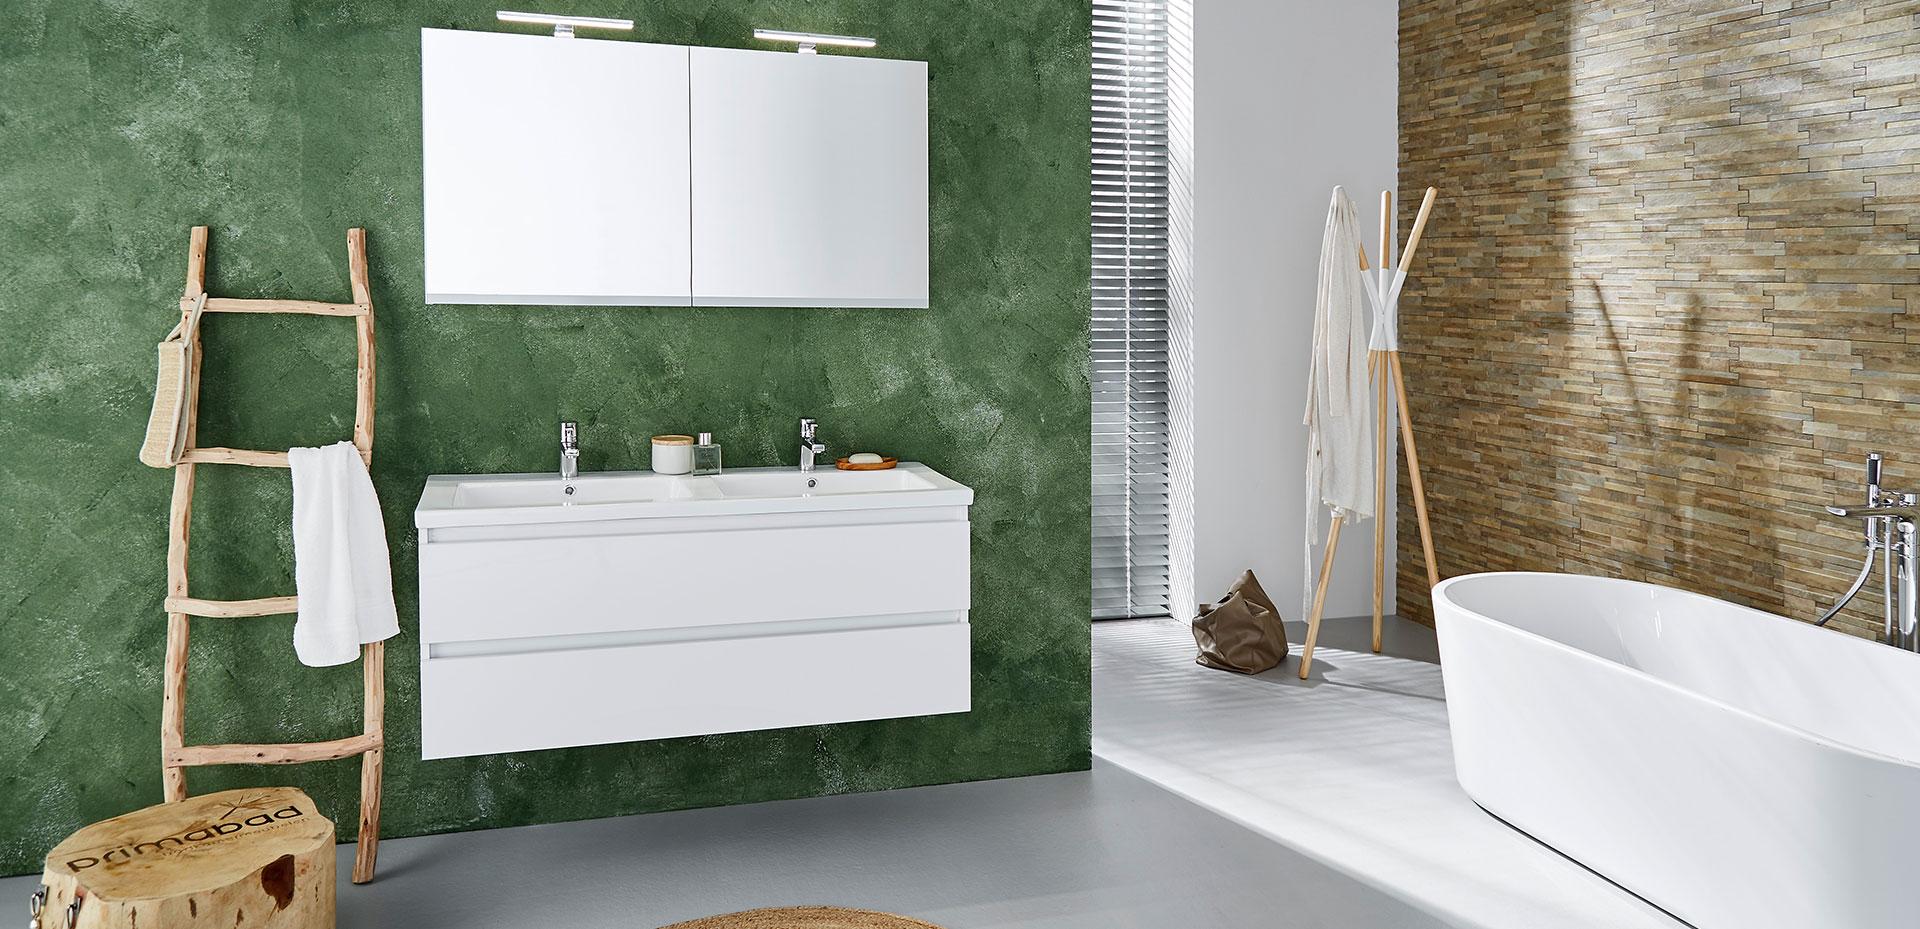 badkamerhuis-hengelo-mijn-bad-in-stijl-magazine